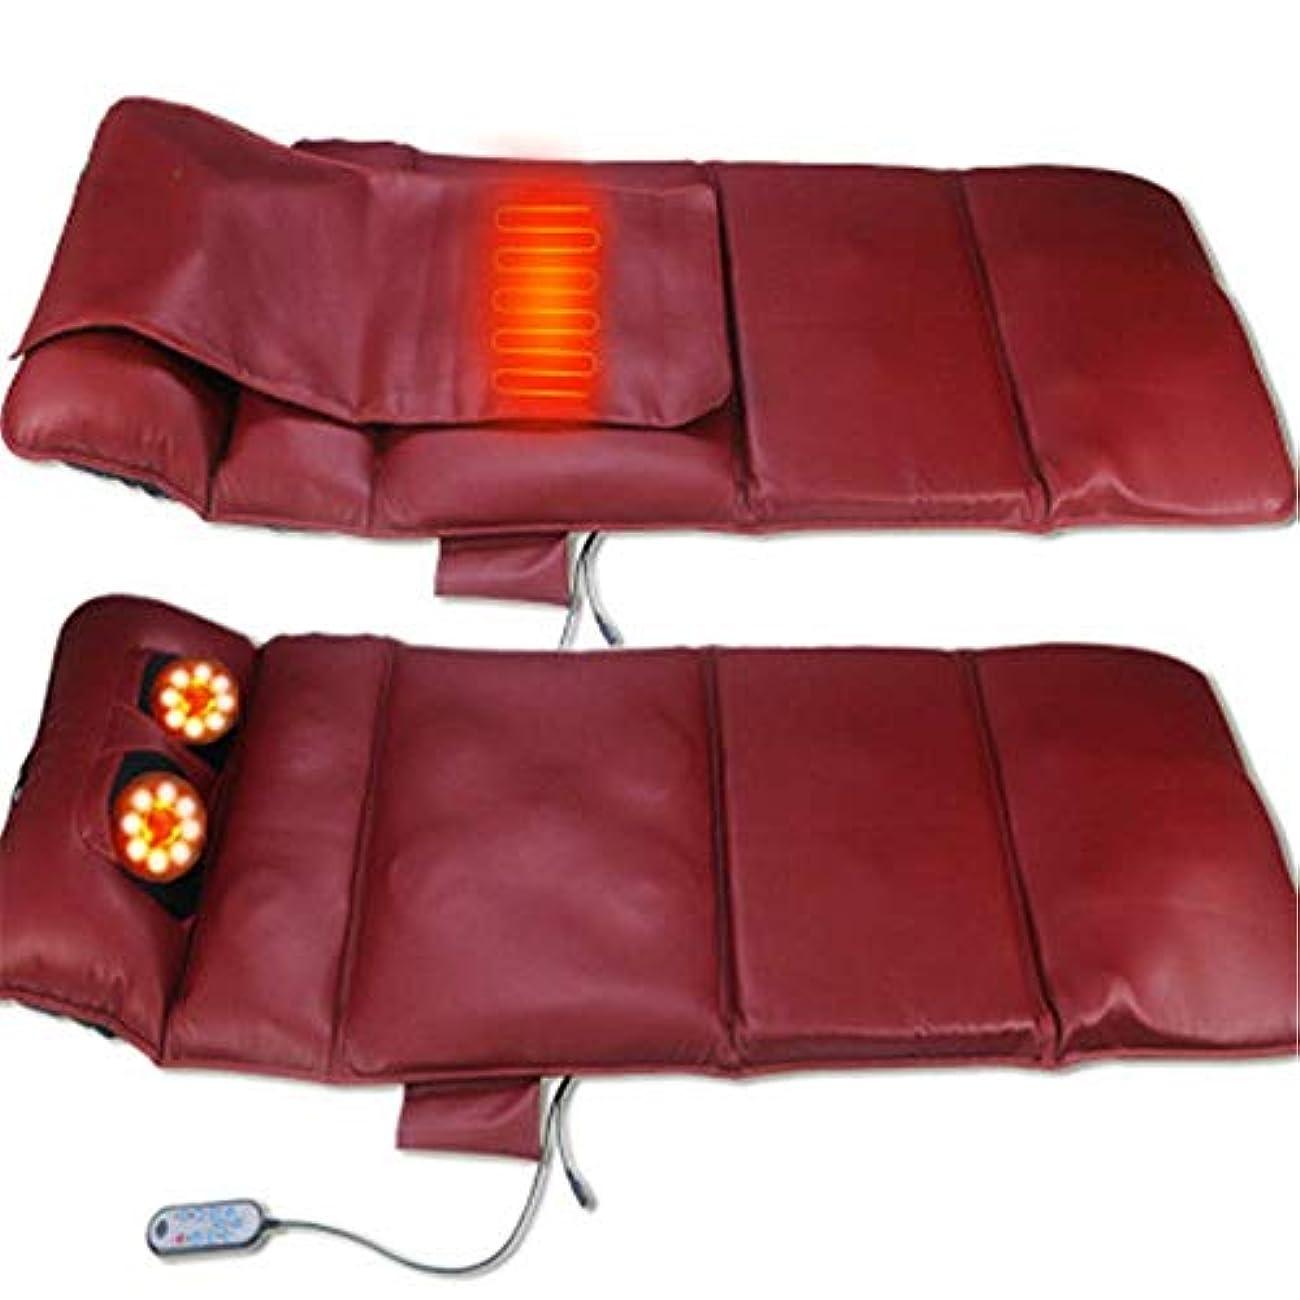 フィットネス裁定ベスビオ山リラックス健康マットレス電気マッサージマット暖房理学療法ボディの痛みを軽減するマッサージマットエアバッグマッサージマットレス,ブラウン